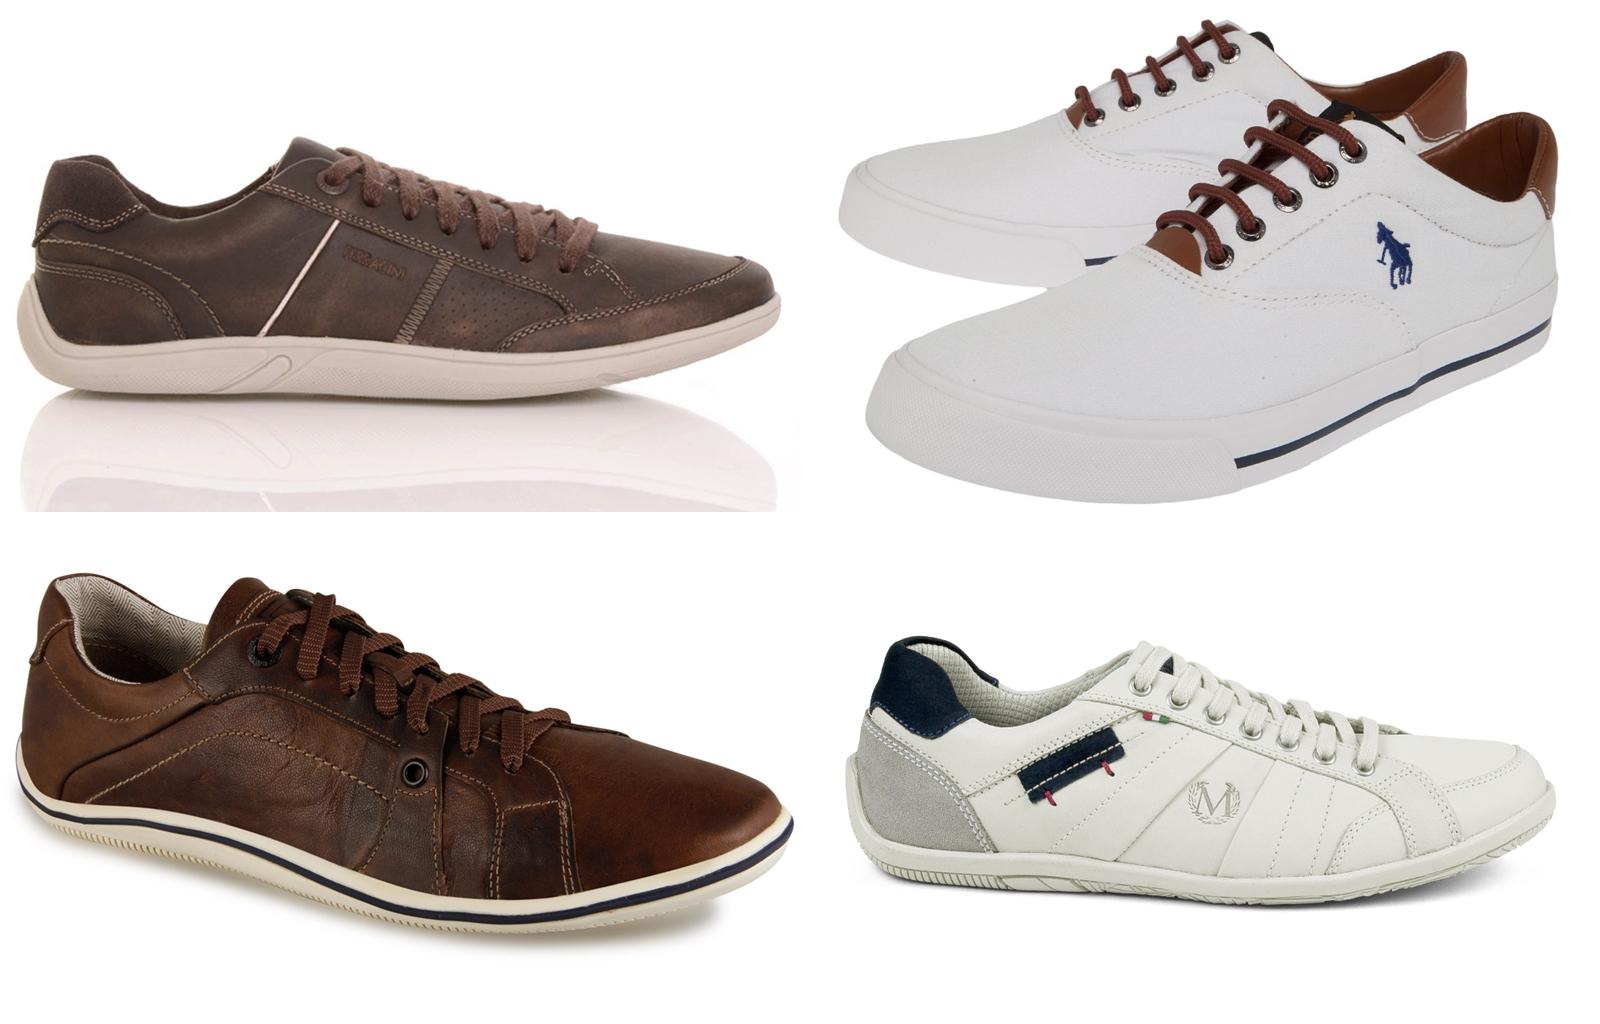 d3a9cc9dc Como usar um sapatênis corretamente - Melhor Conteúdo Digital - Moda ...